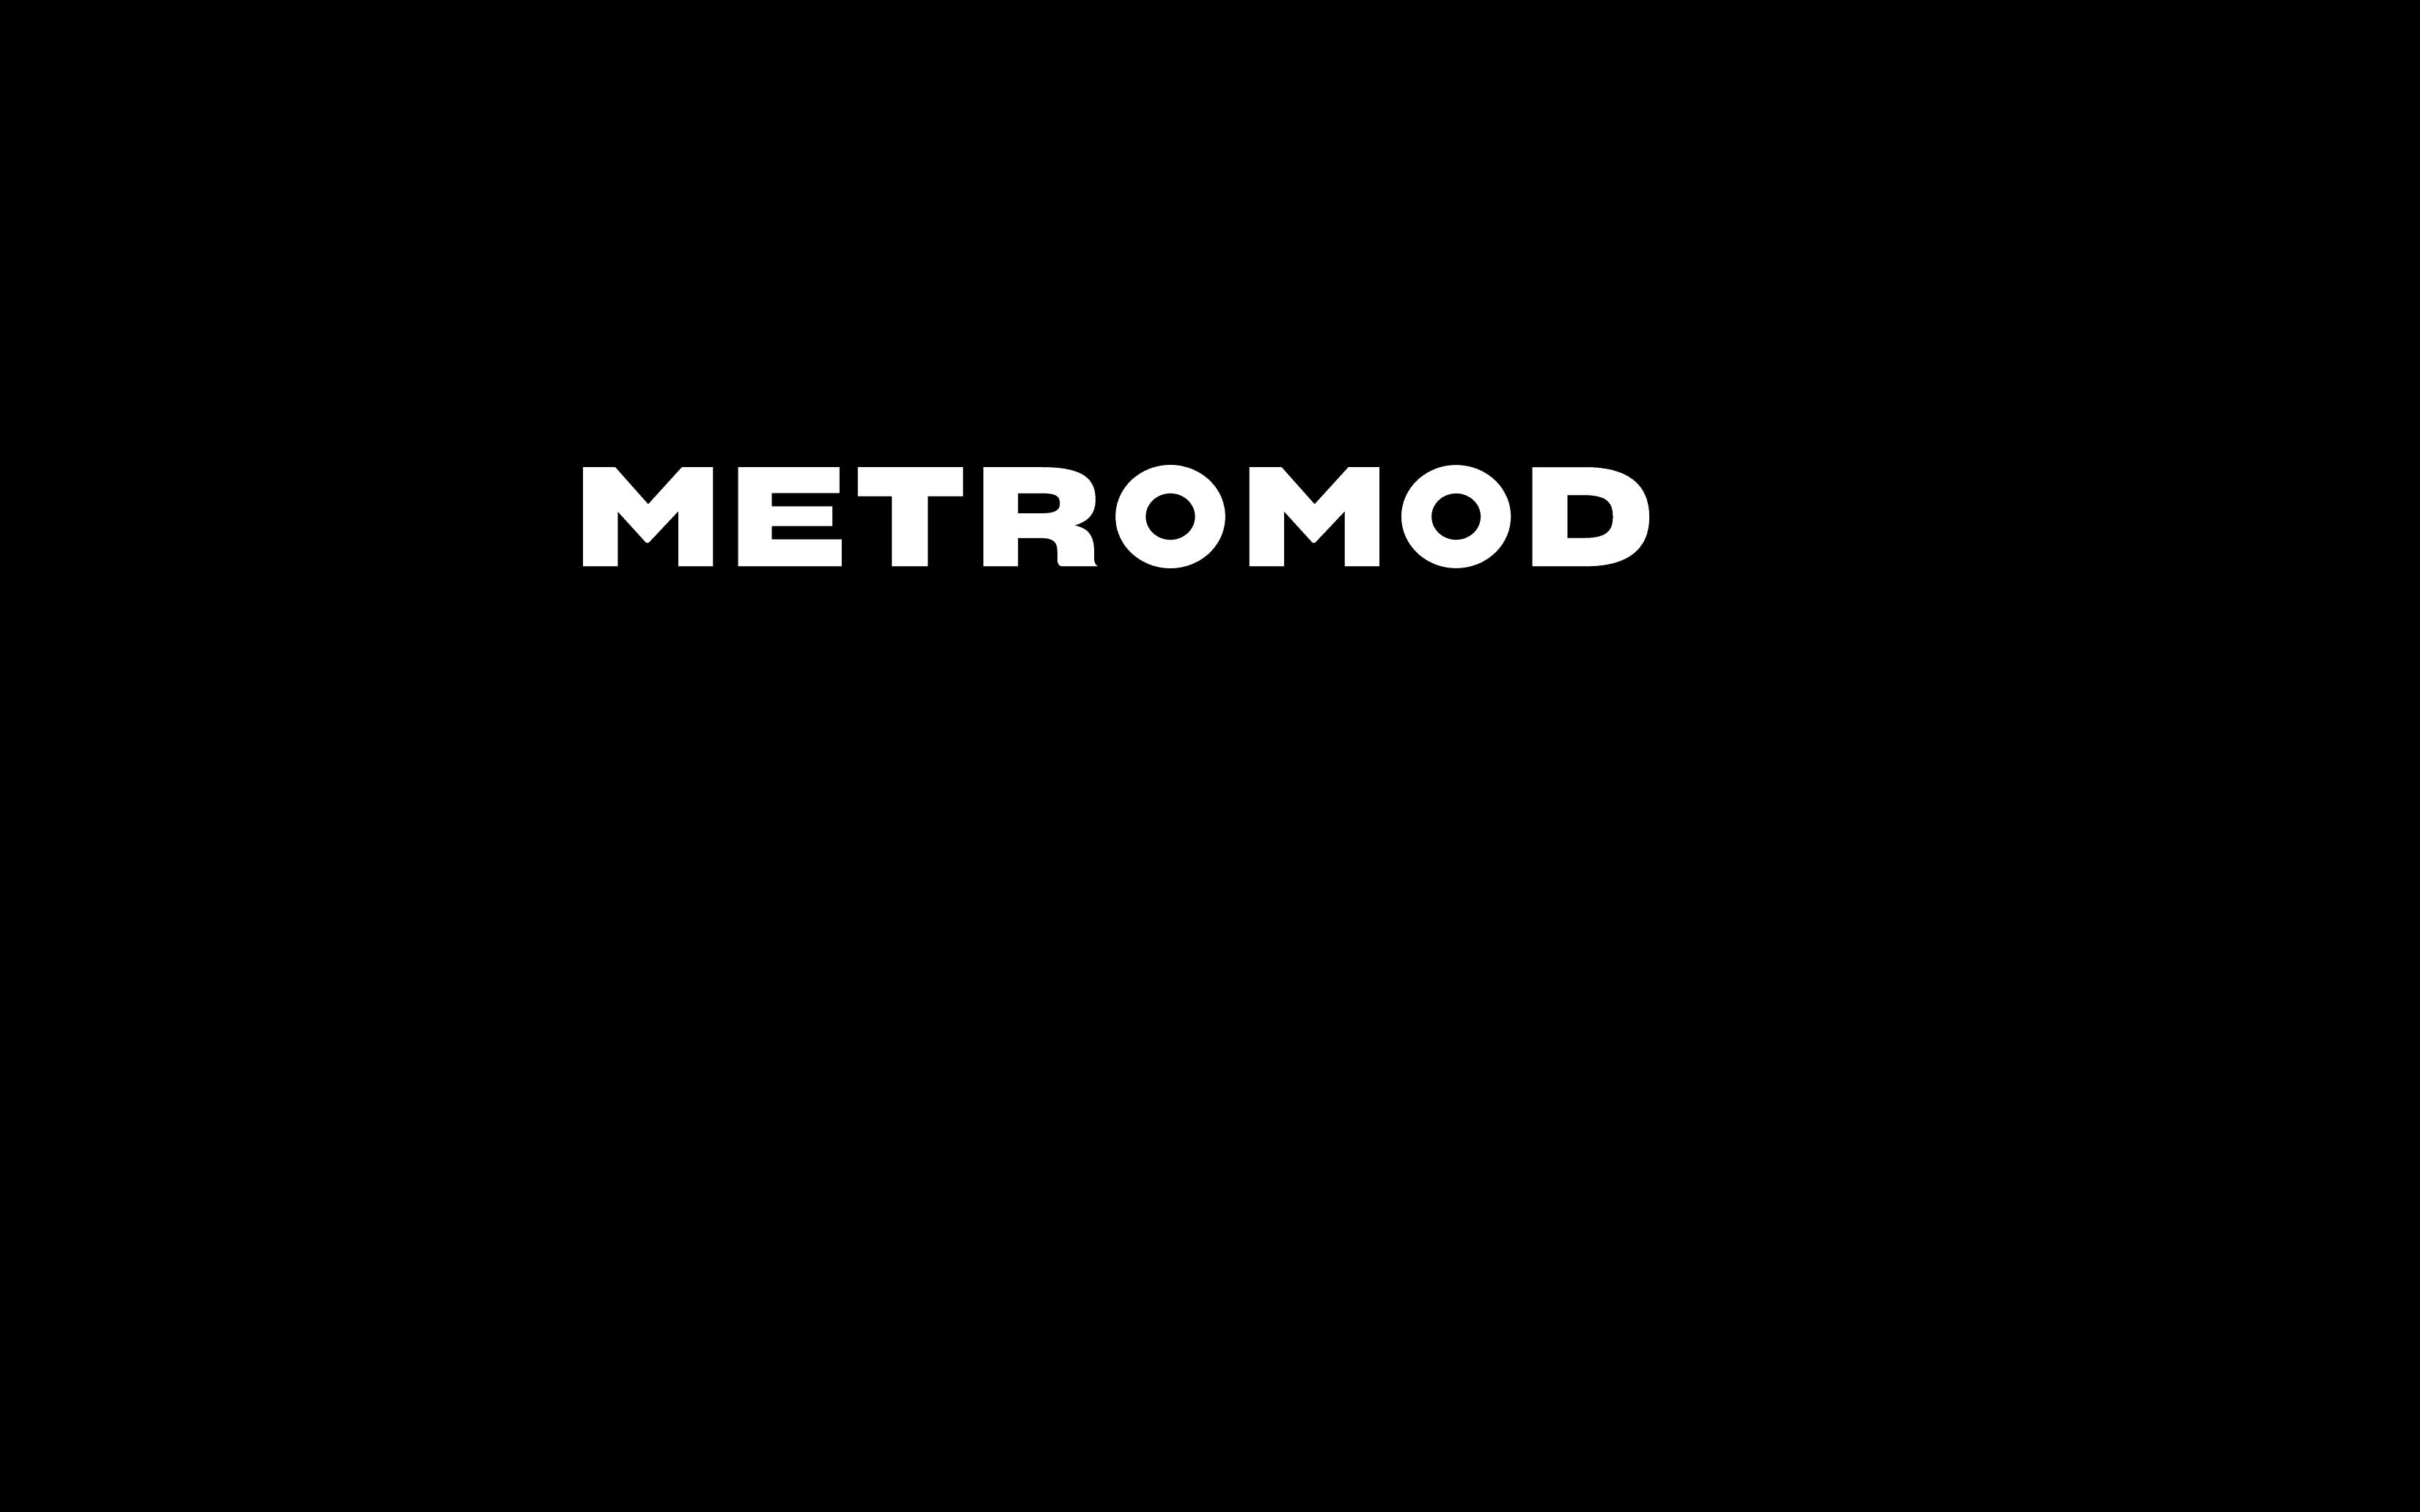 Bureau Johannes Erler – METROMOD